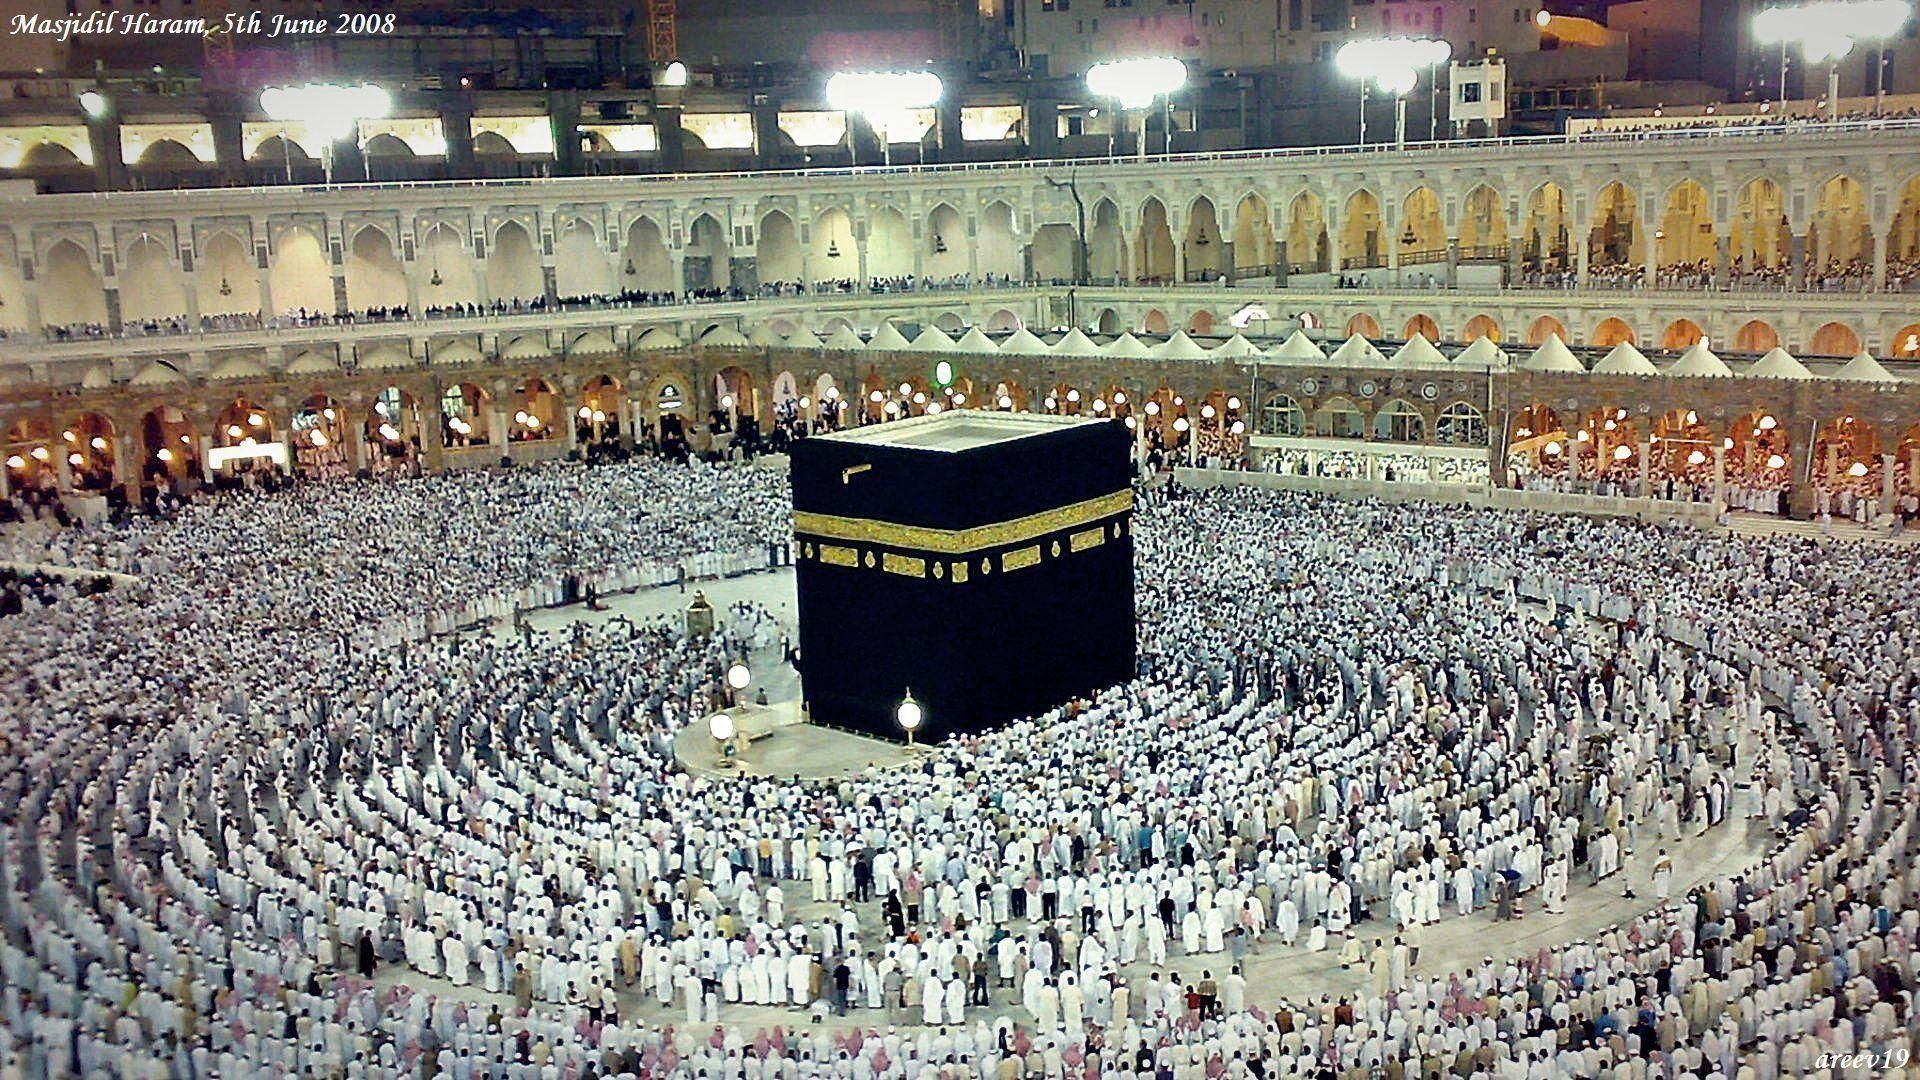 Mecca Madina Hd Wallpapers 1366x768 Group 57 Download For Free Perjalanan Berita Dubai